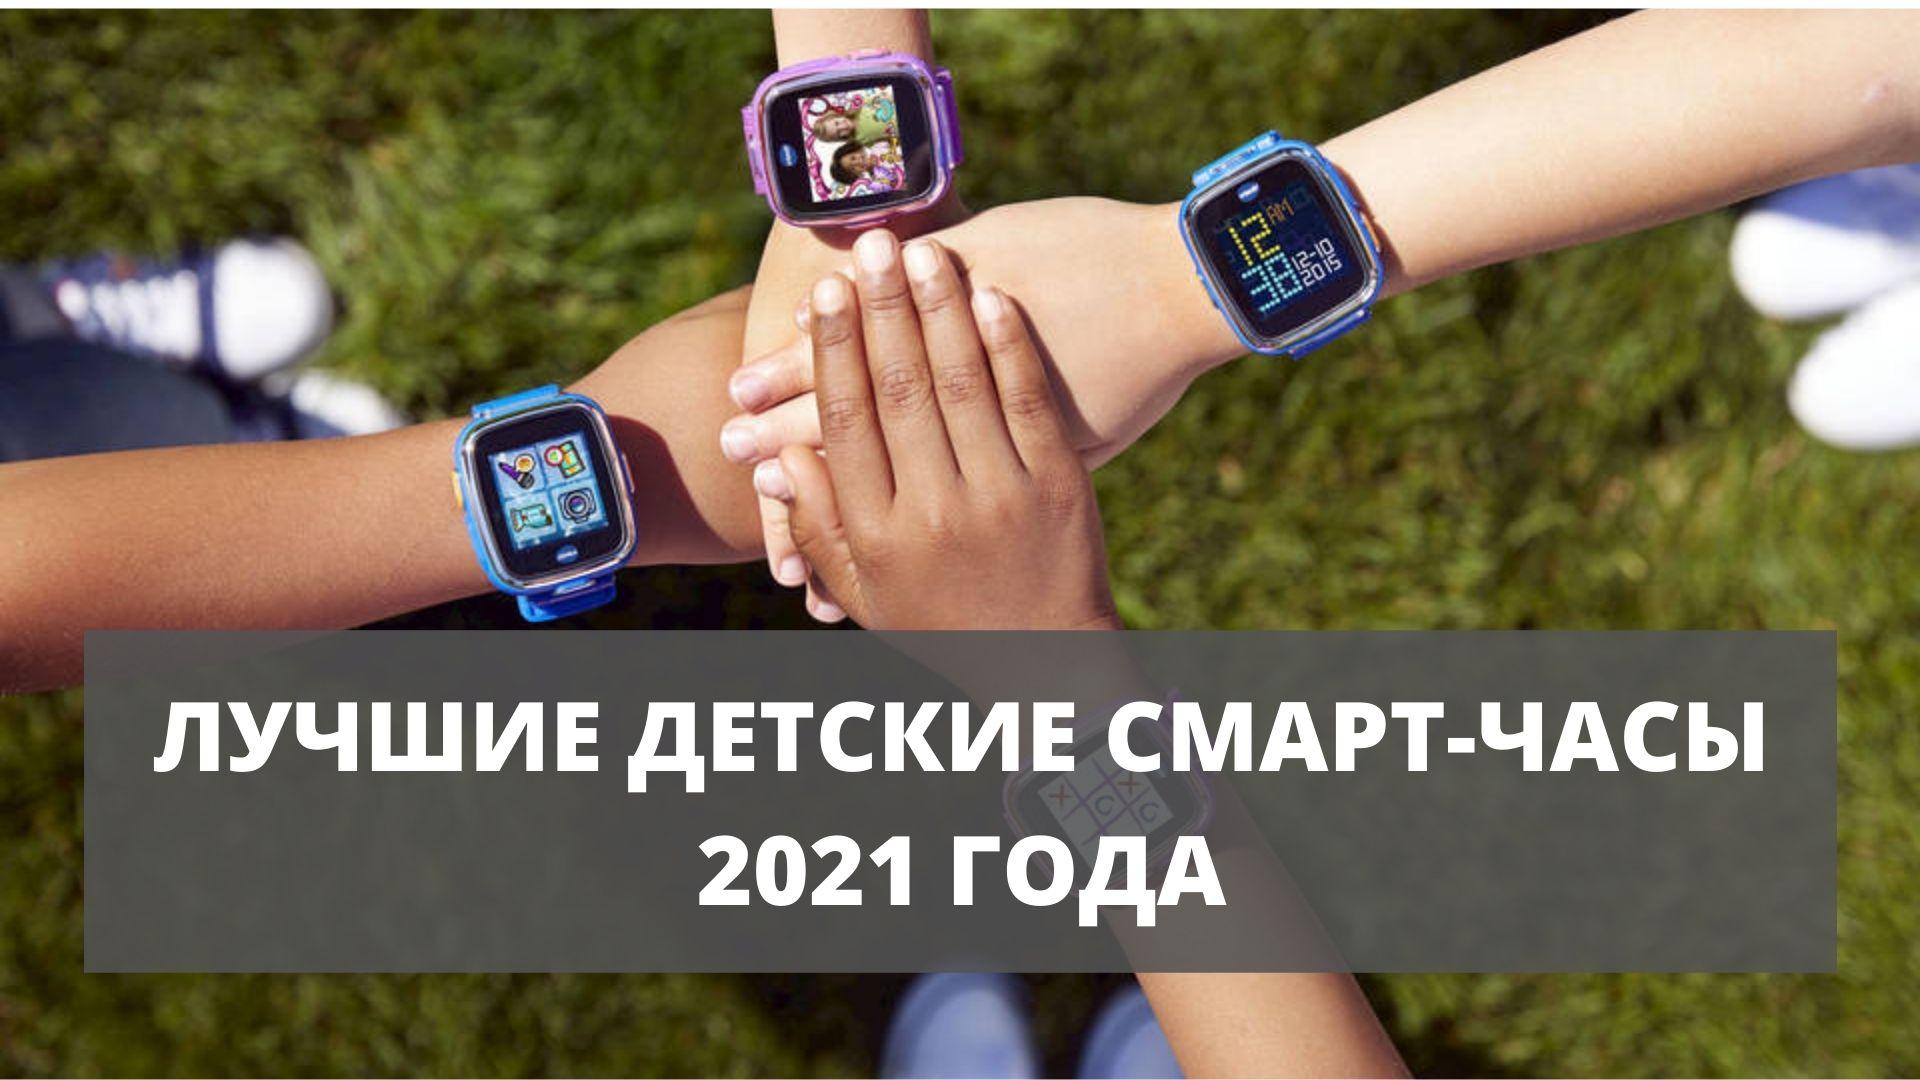 Рейтинг лучших детских смарт часов 2021 года